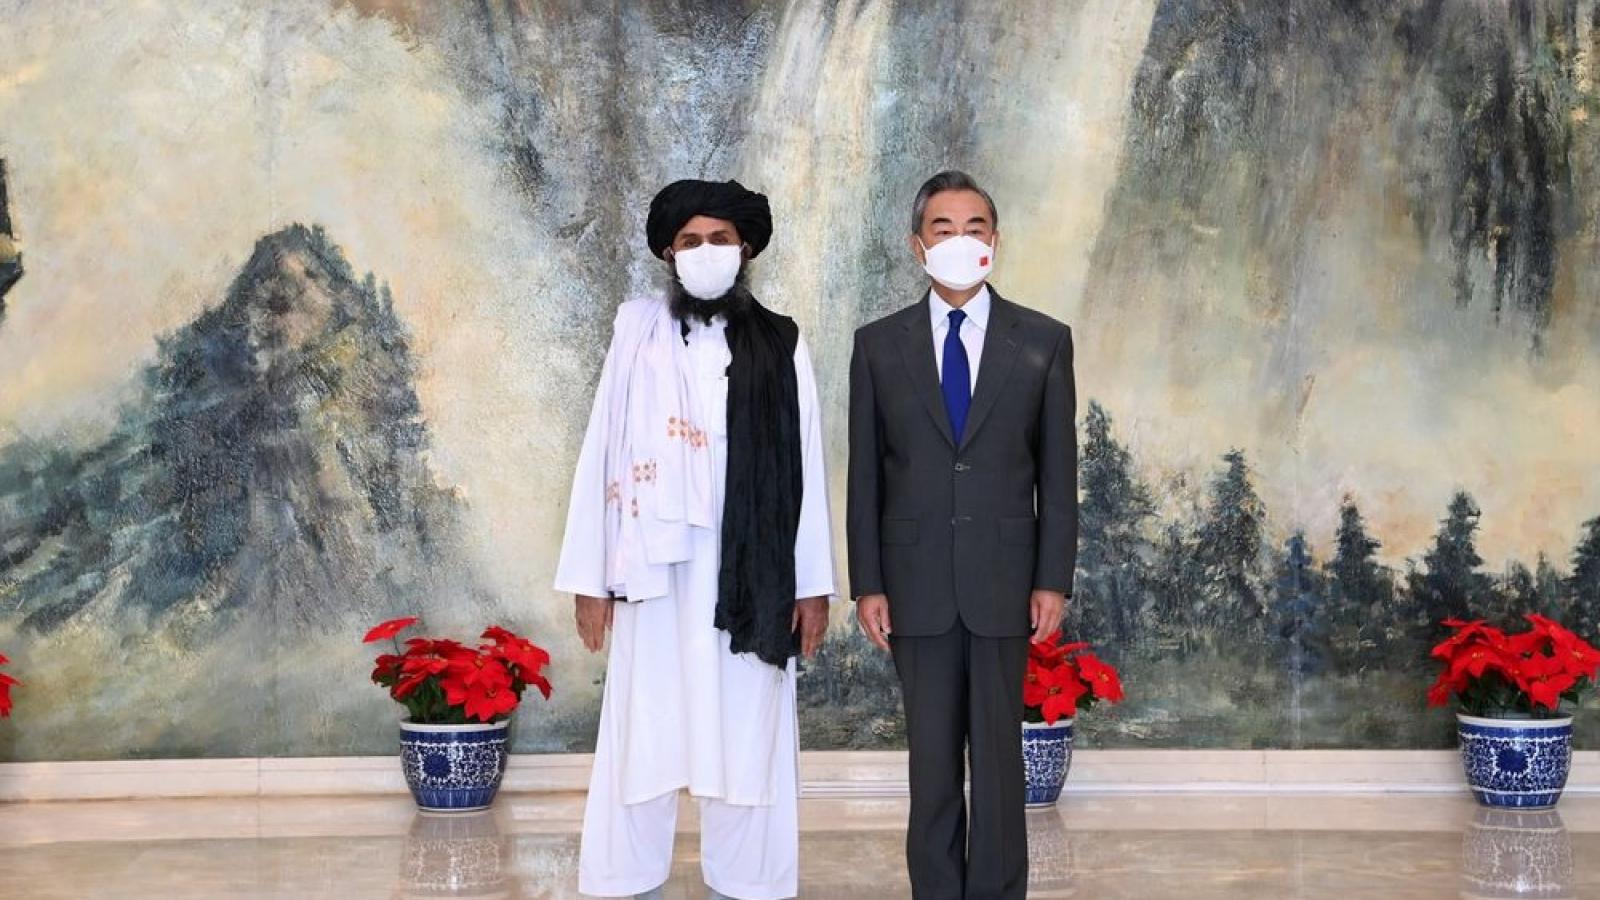 Lý do khiến Trung Quốc chưa vội mở rộng Vành đai và Con đường ở Afghanistan